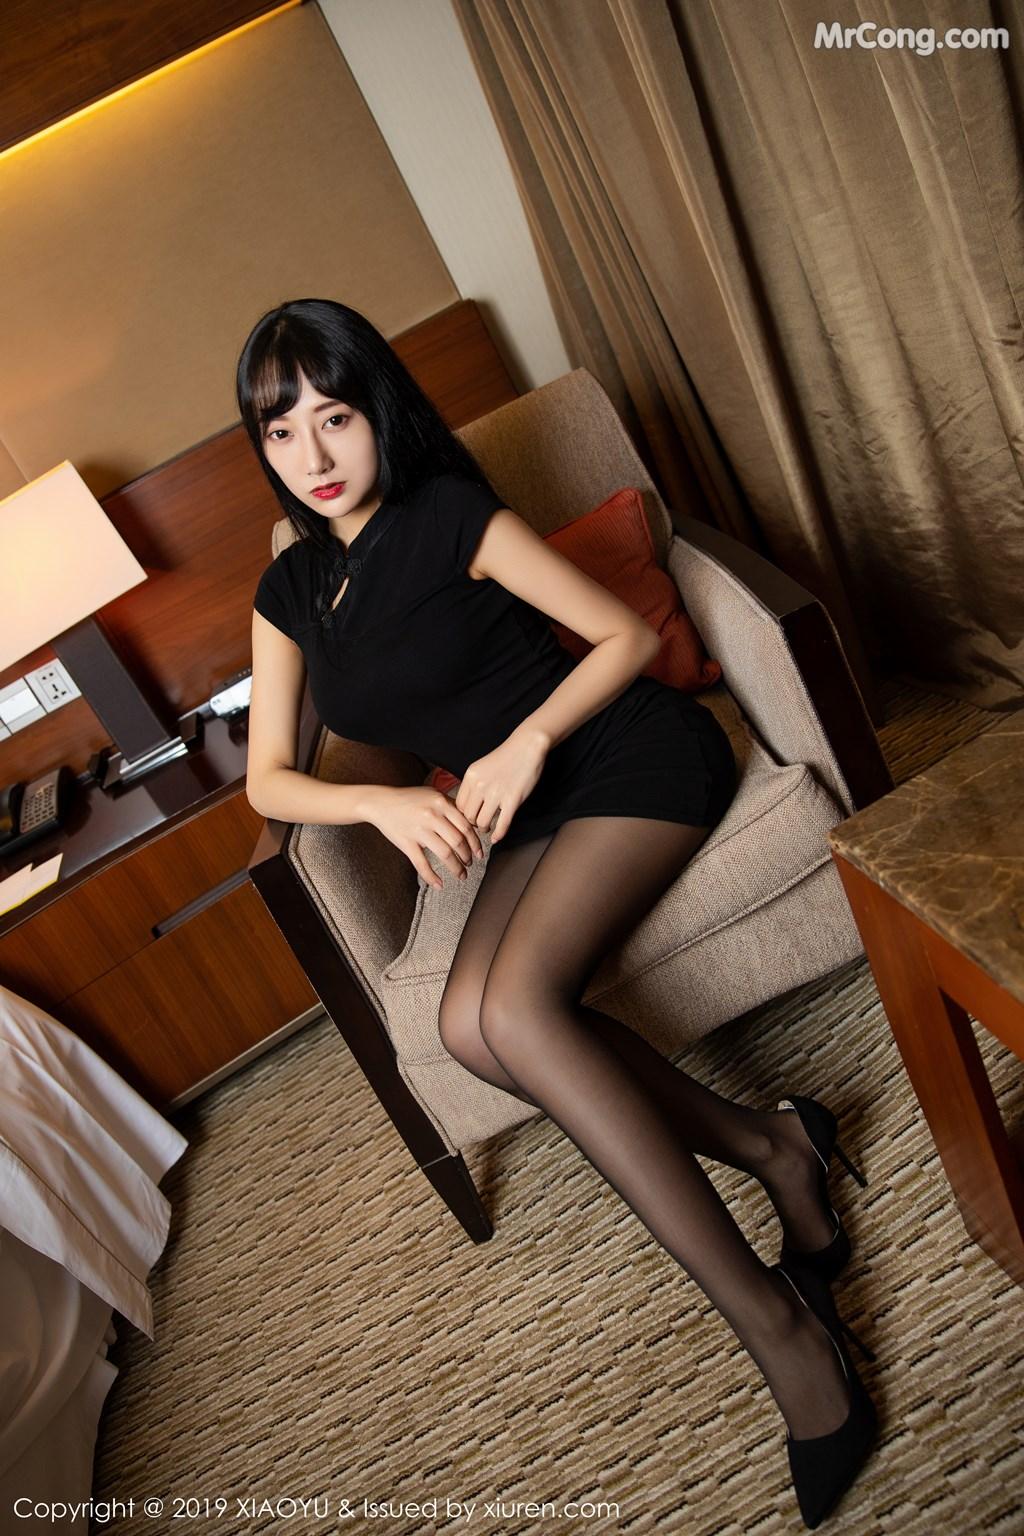 Image XiaoYu-Vol.145-He-Jia-Ying-MrCong.com-013 in post XiaoYu Vol.145: He Jia Ying (何嘉颖) (68 ảnh)